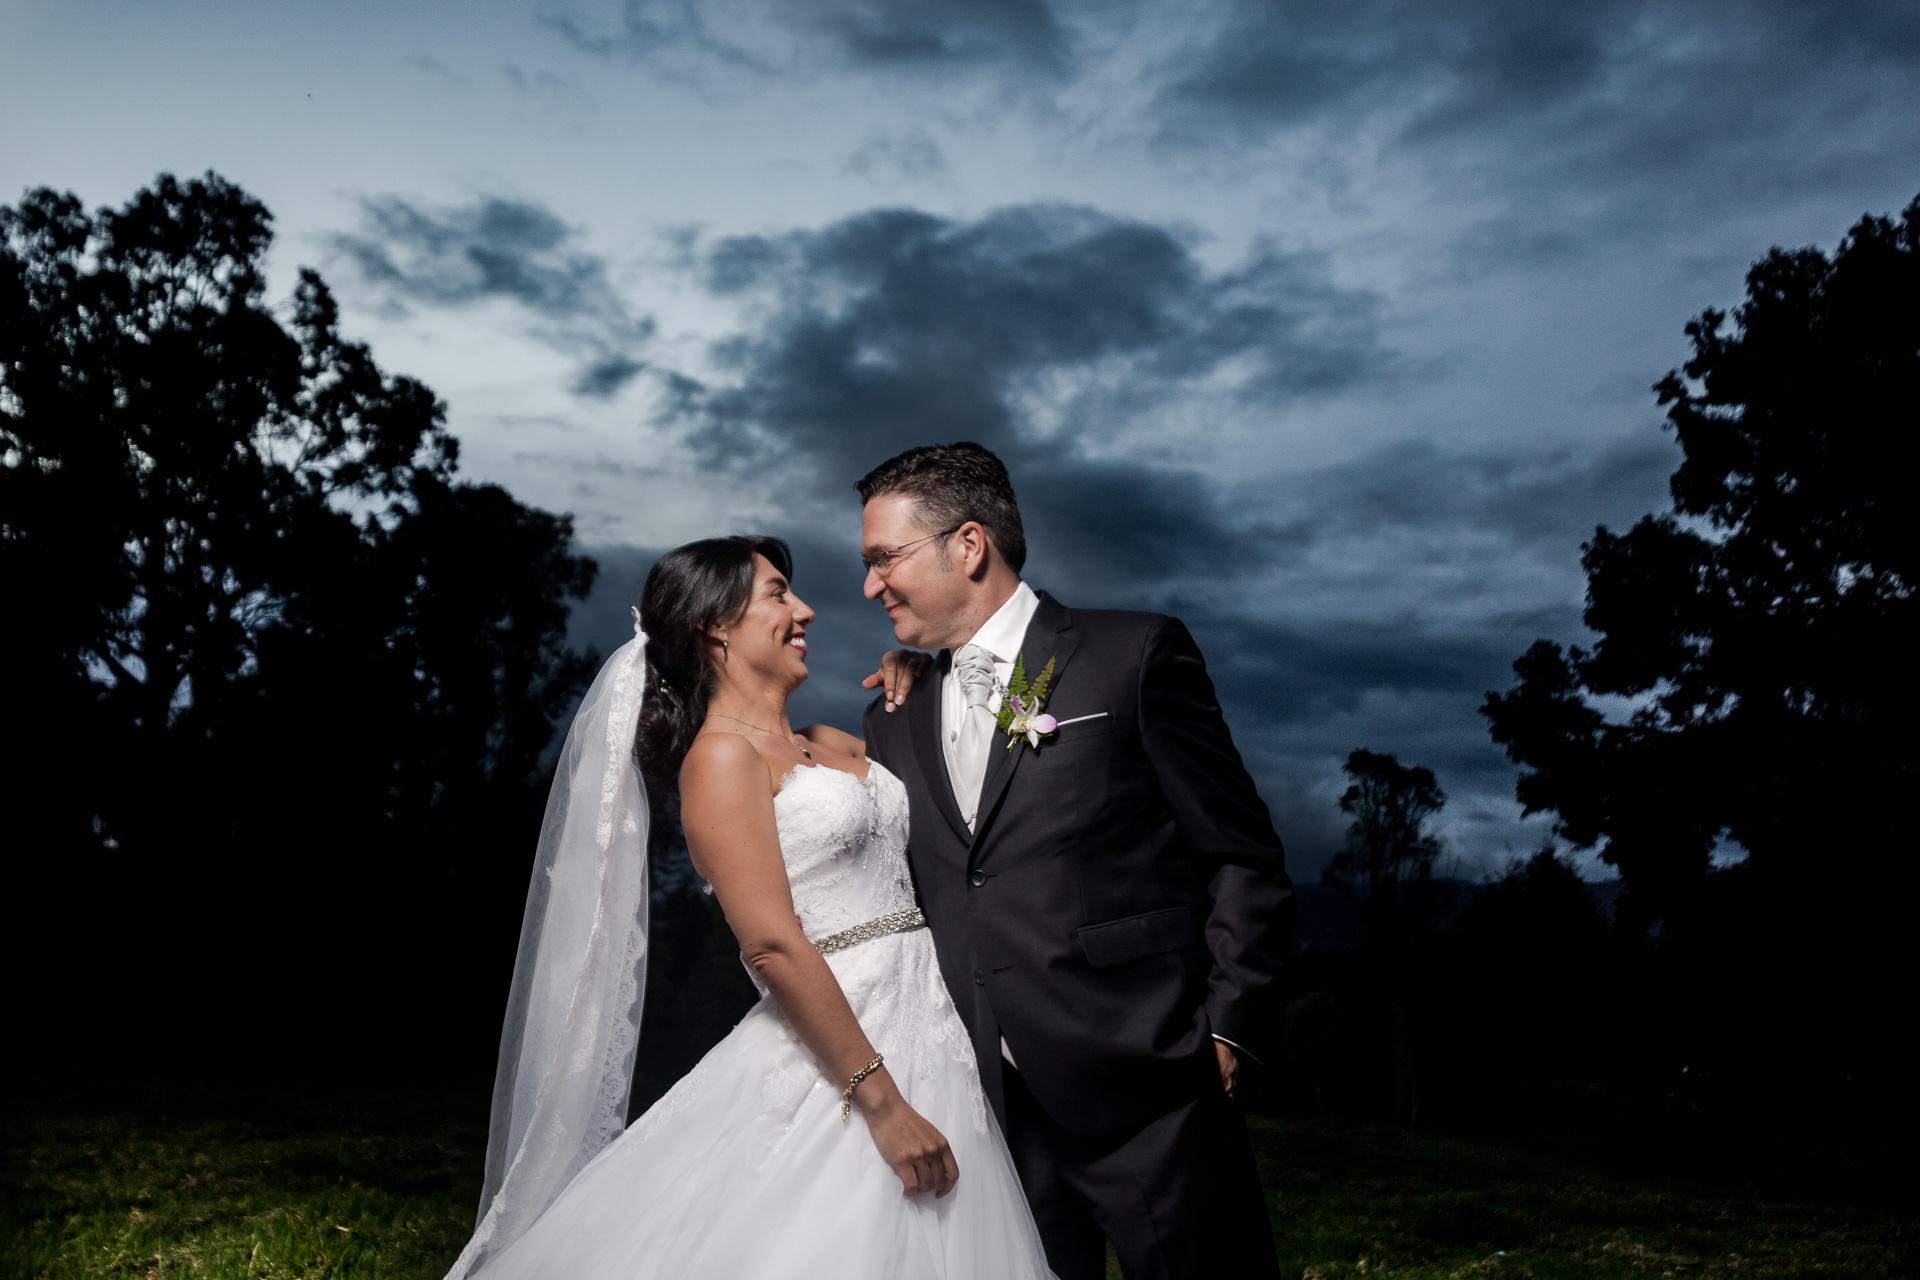 Fotógrafos-de-bodas-en-Colombia-Angela-y-Antonio-49 ANGELA Y ANTONIO